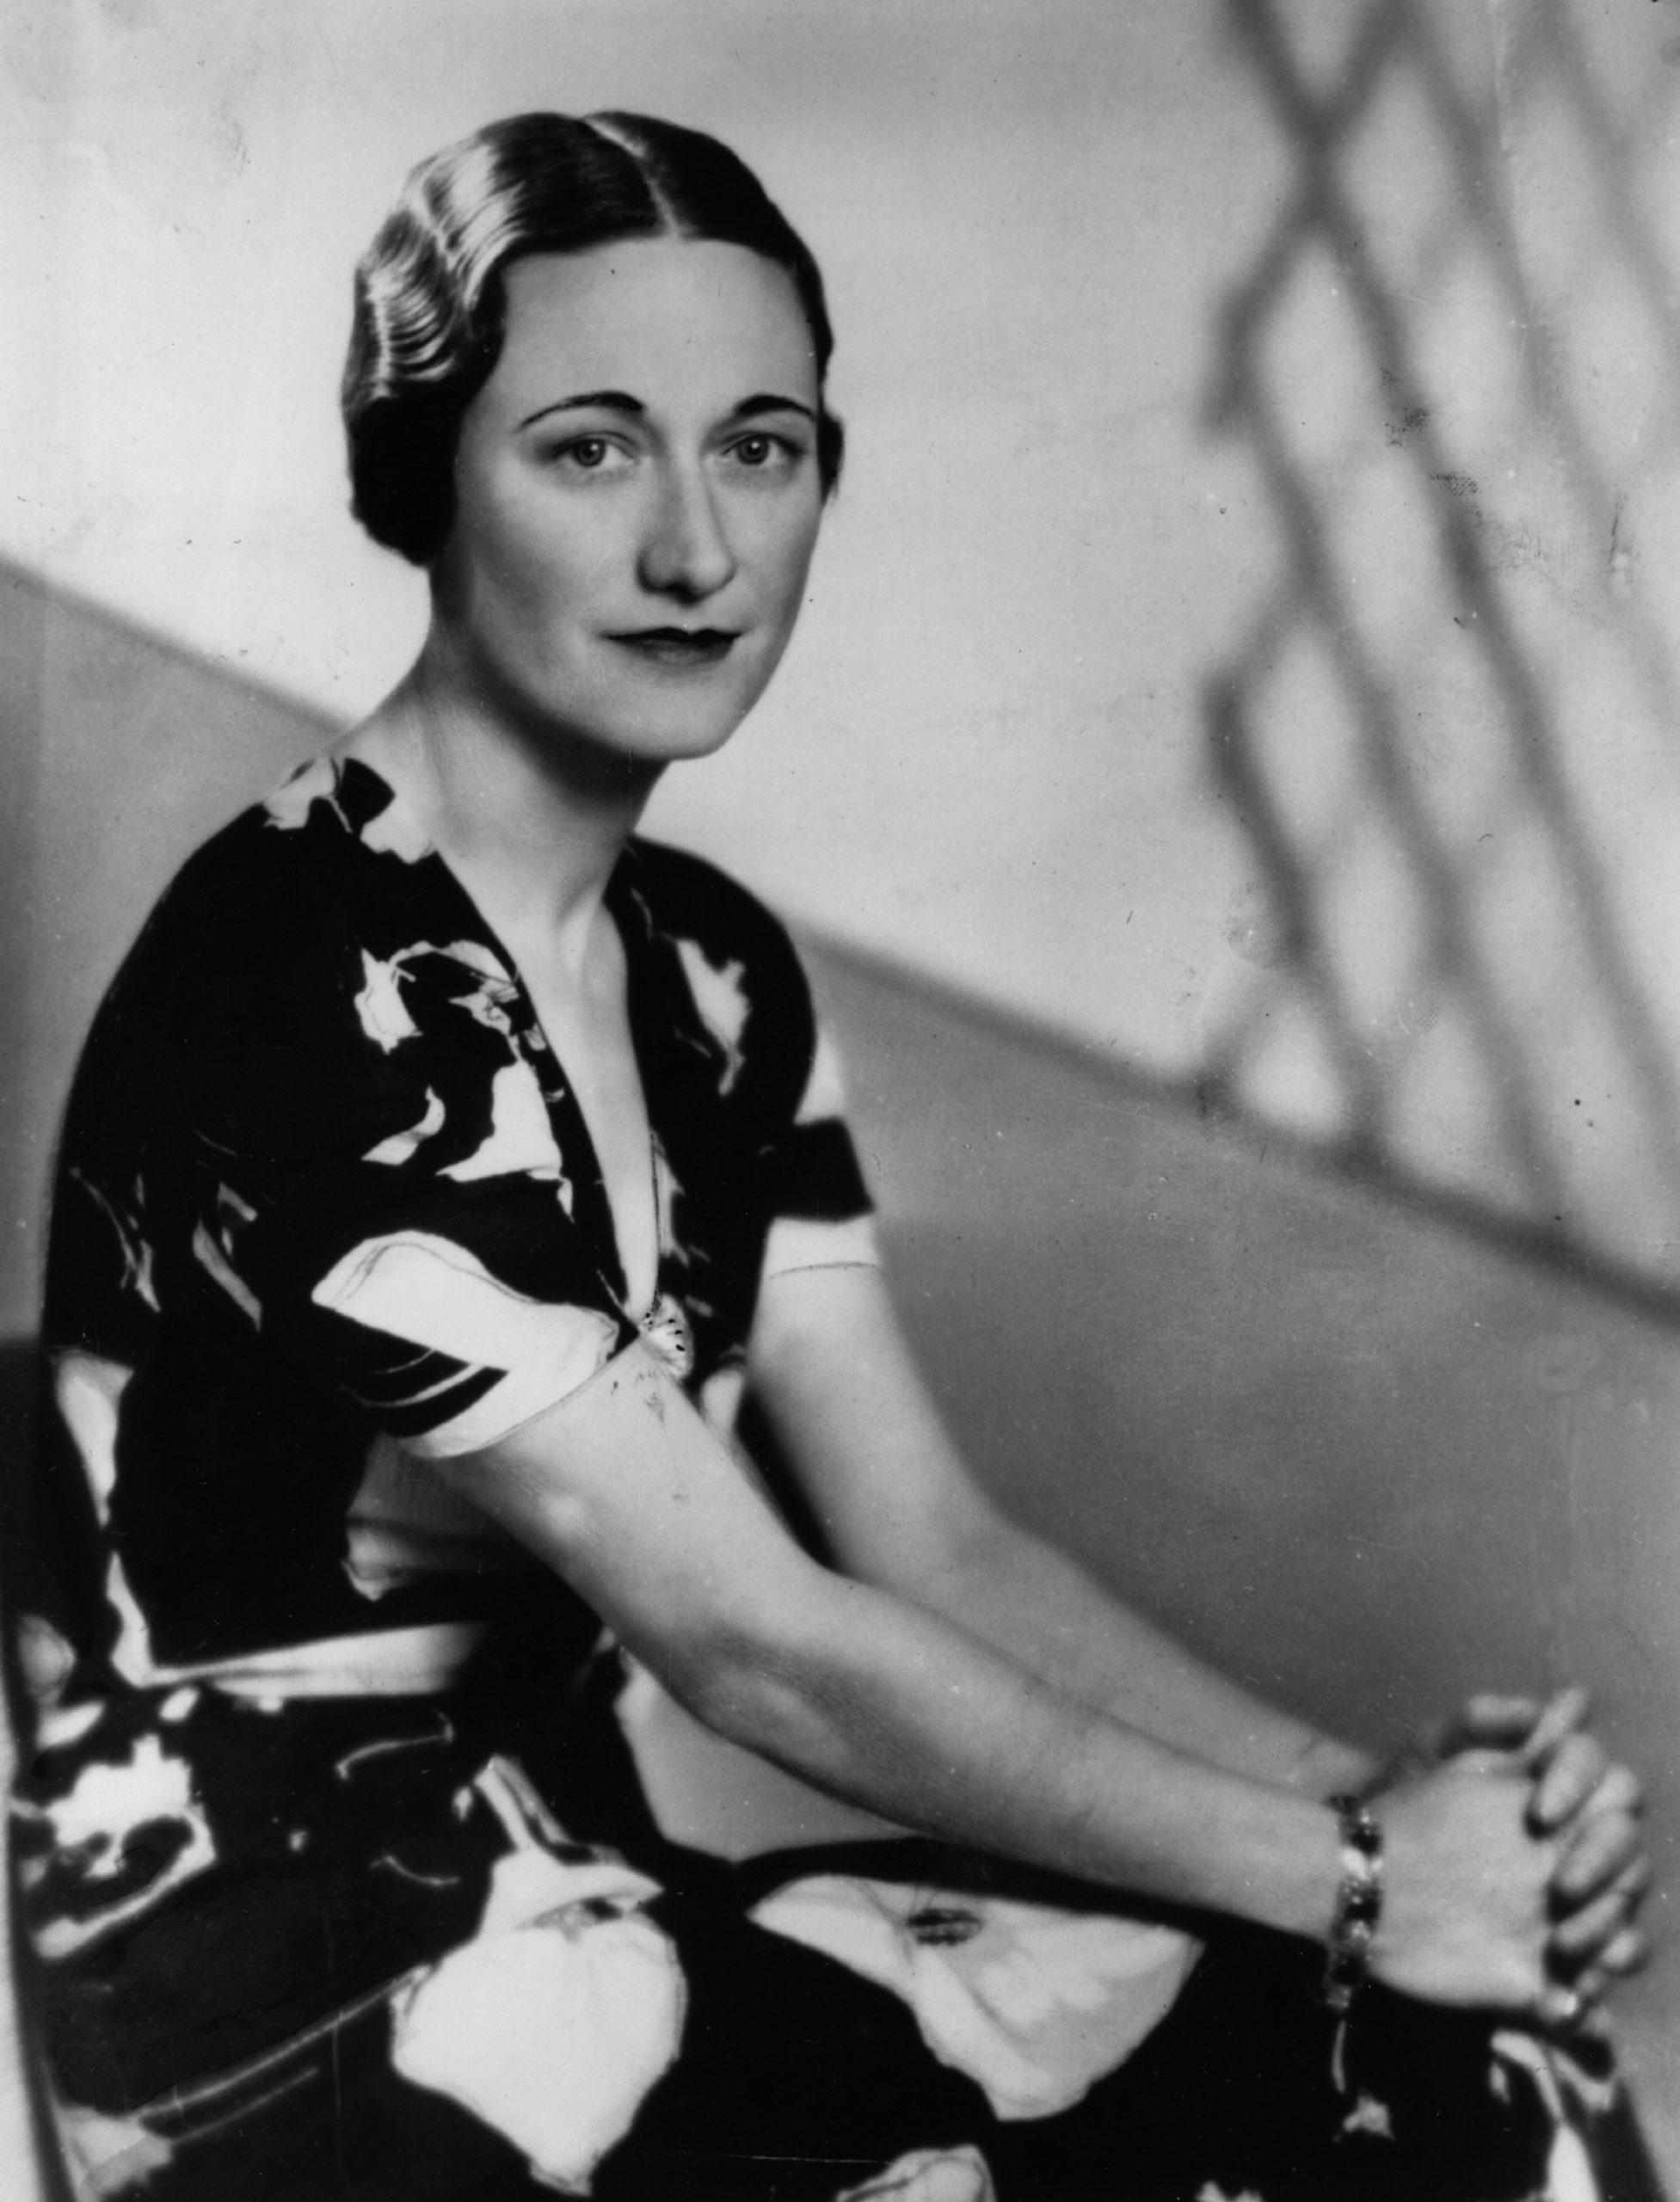 Выбранный Меган образ напомнил об одной из самых известных фотографий Уоллис, сделанной в 1936 году.